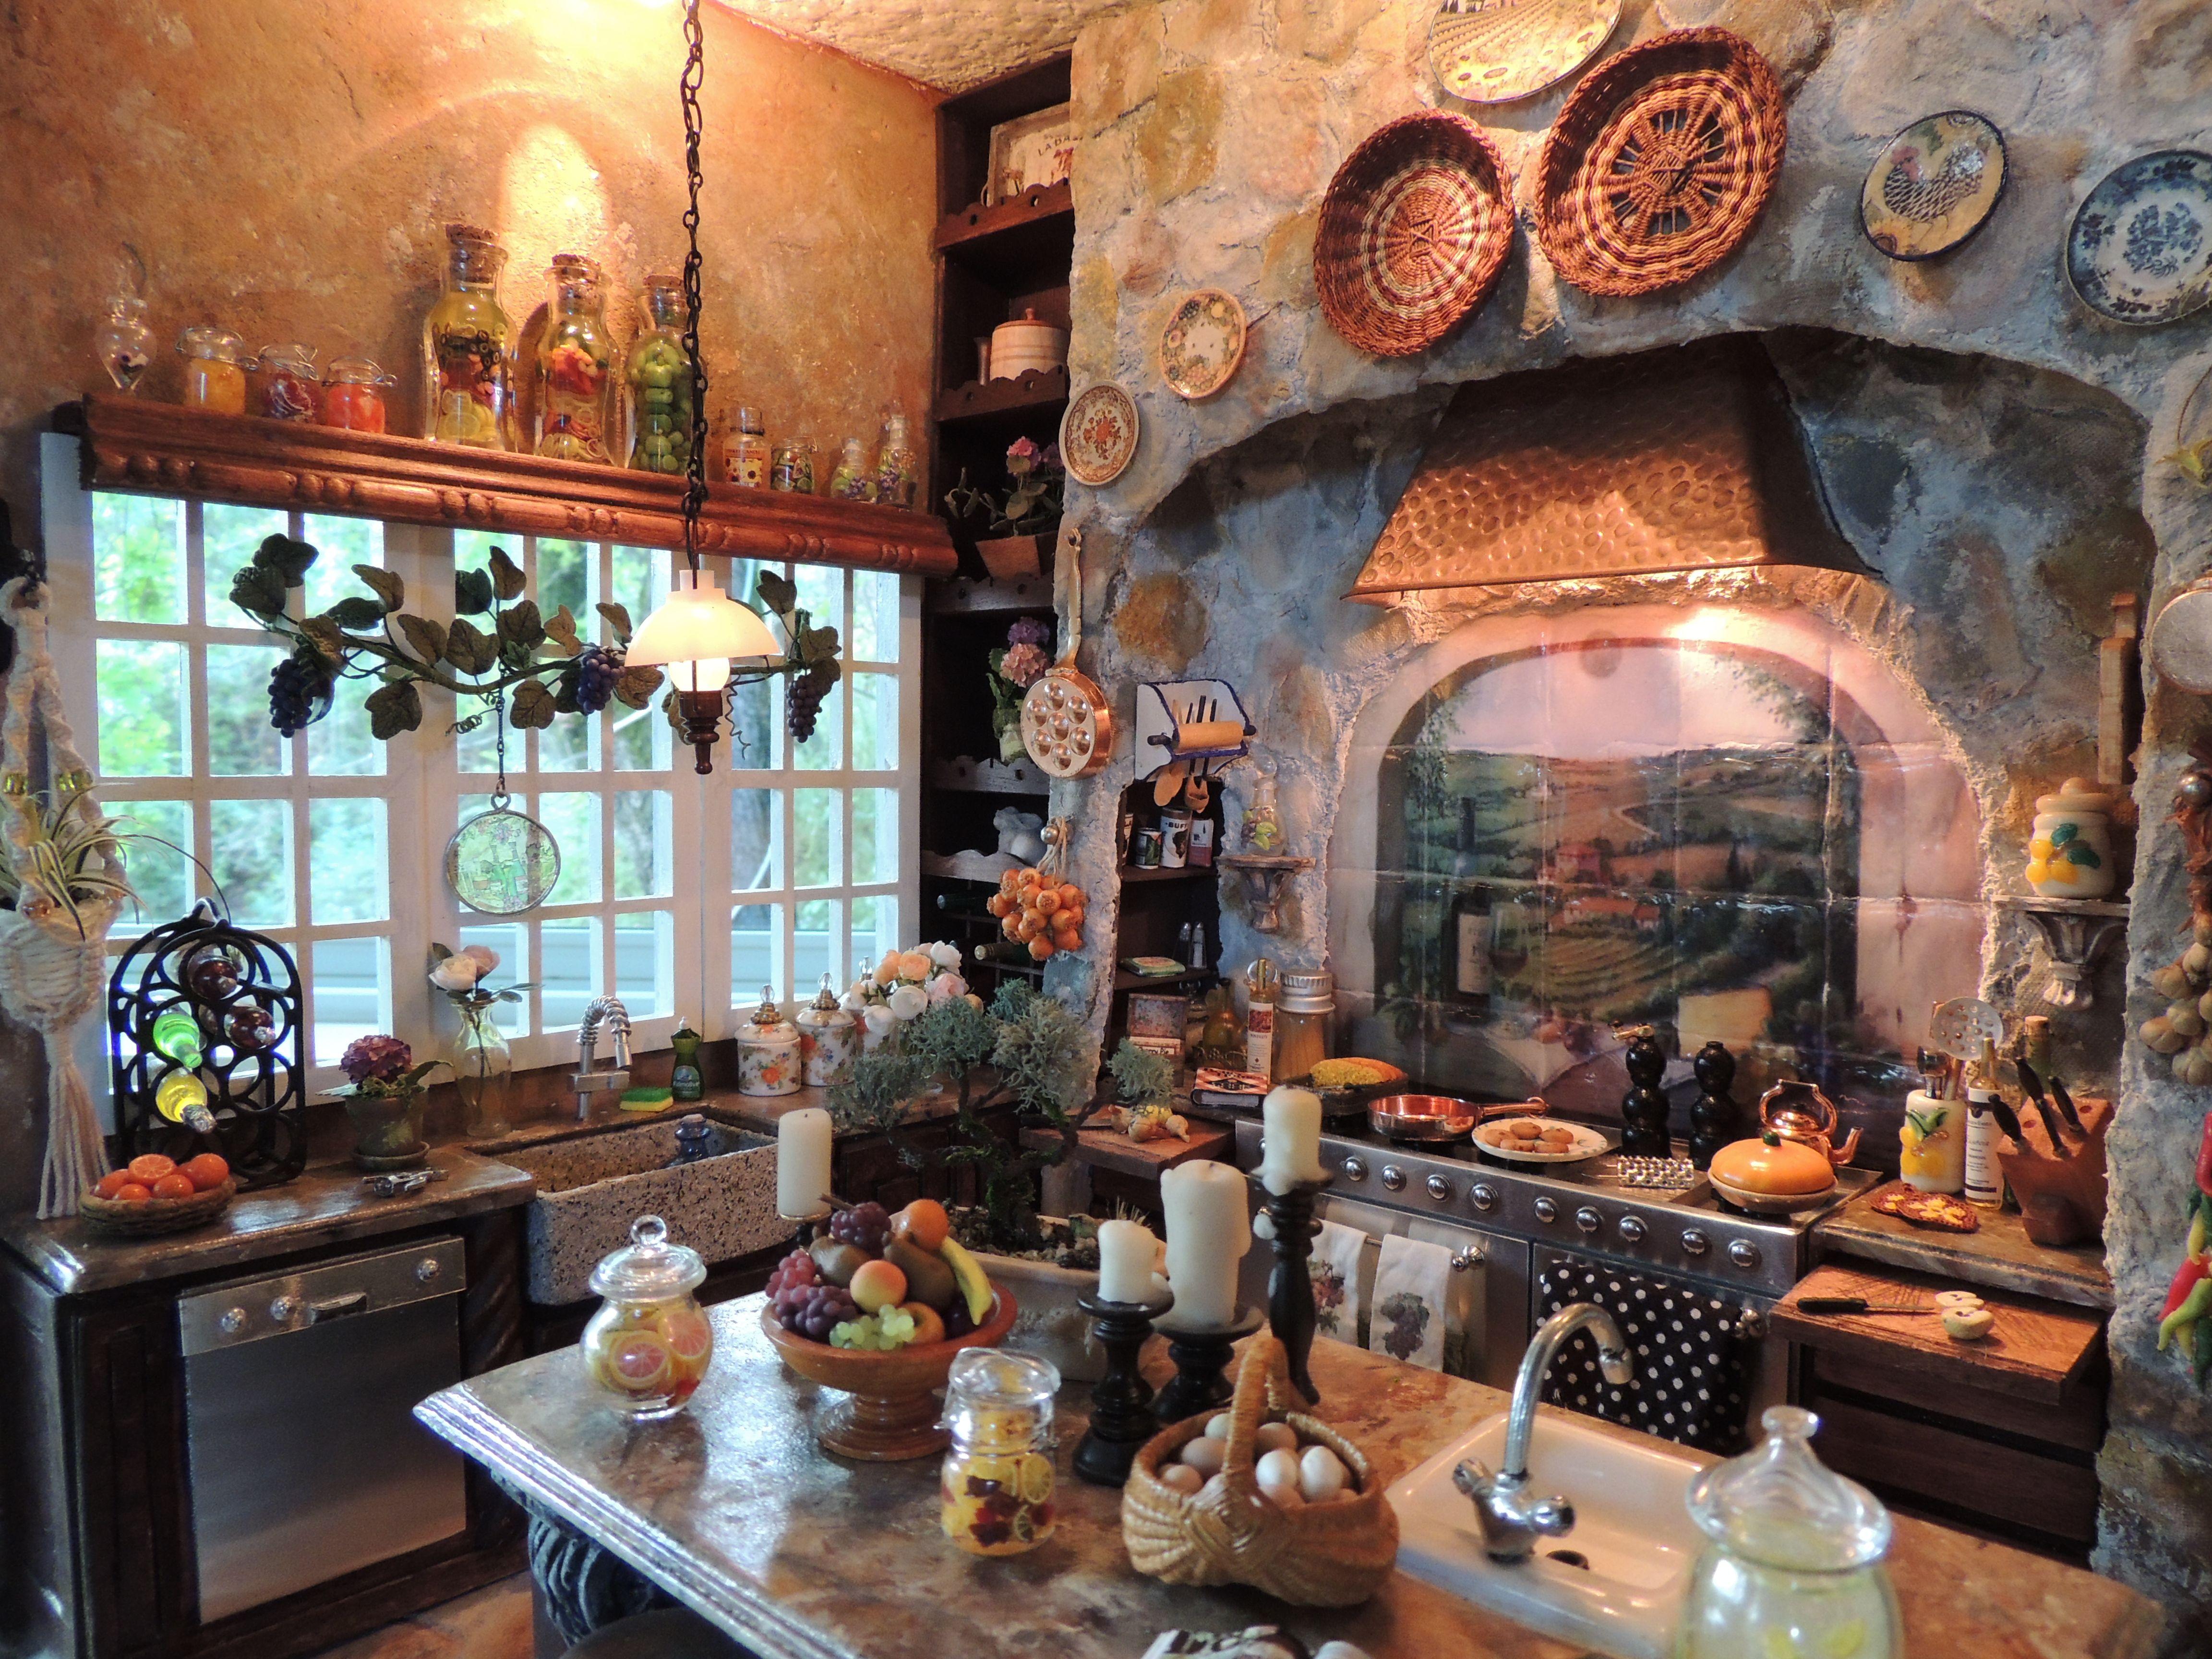 Kammys Creations My Miniature Tuscan Kitchen Roombox 1 12 Wunderbare Puppenstuben